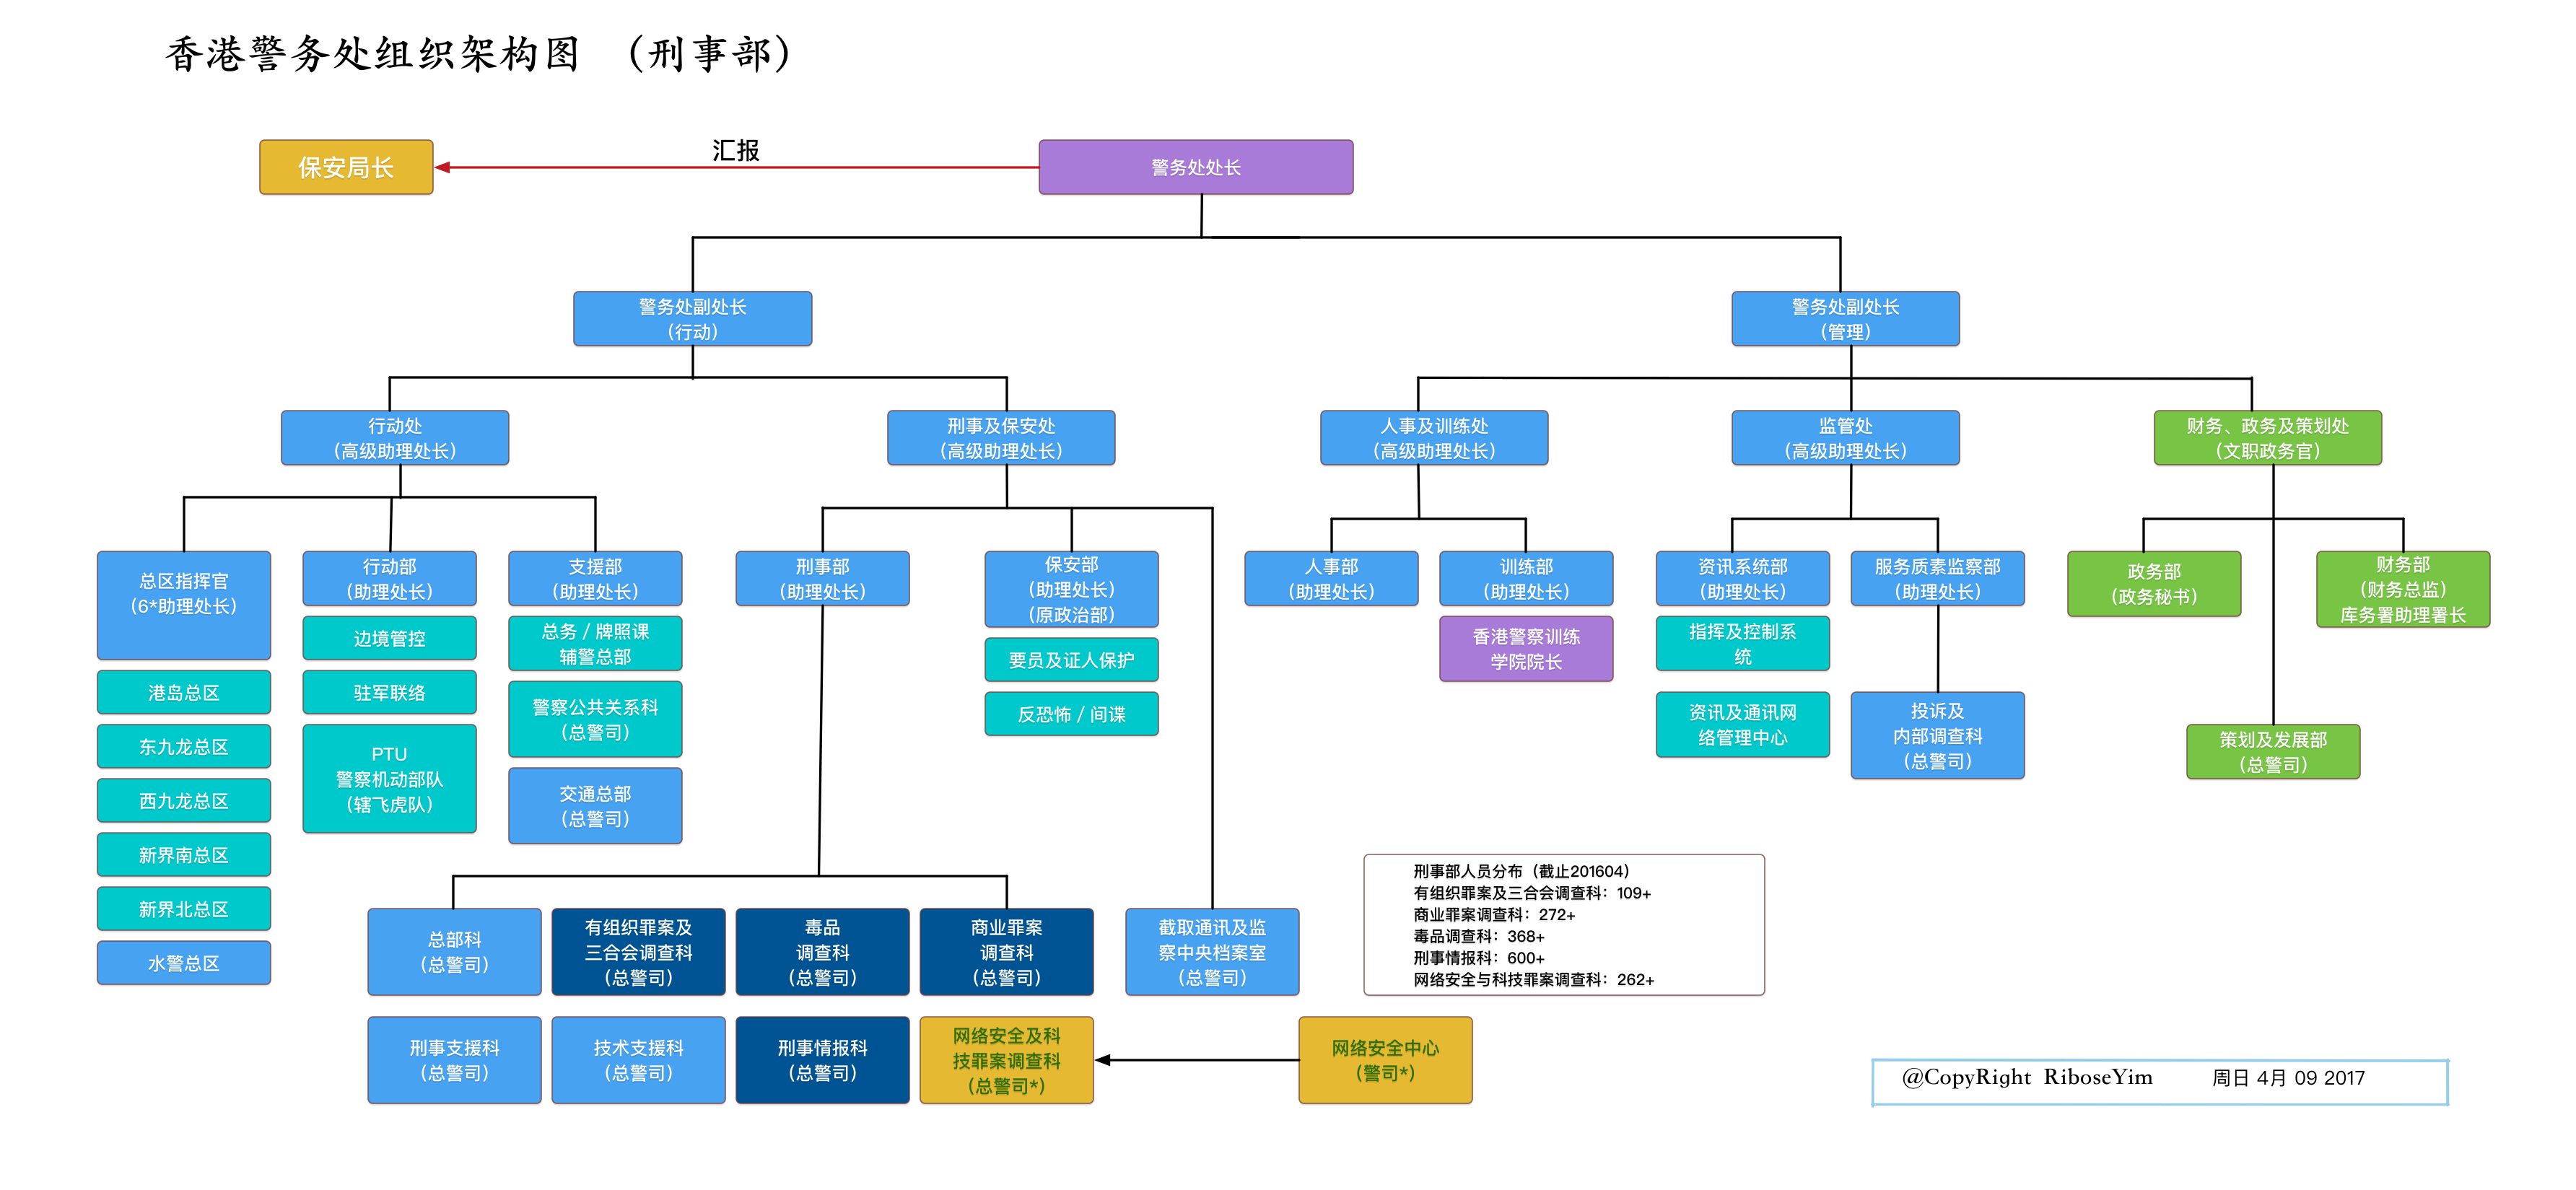 香港警务处管理架构